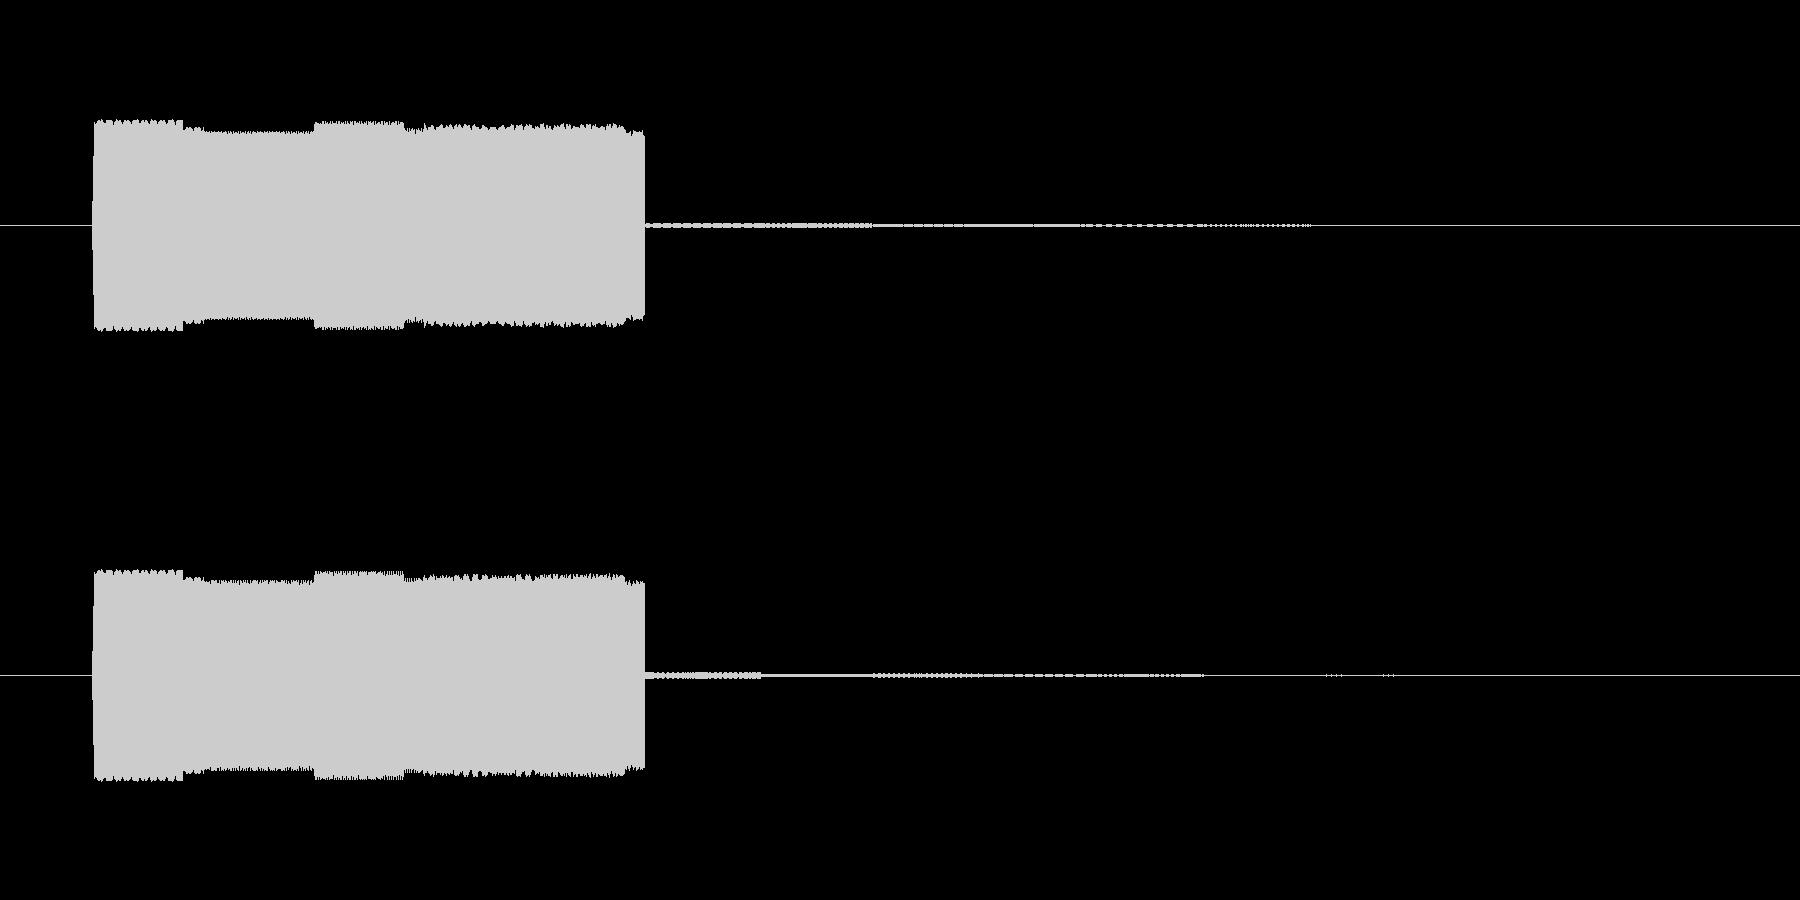 アイテムゲット 決定音の未再生の波形